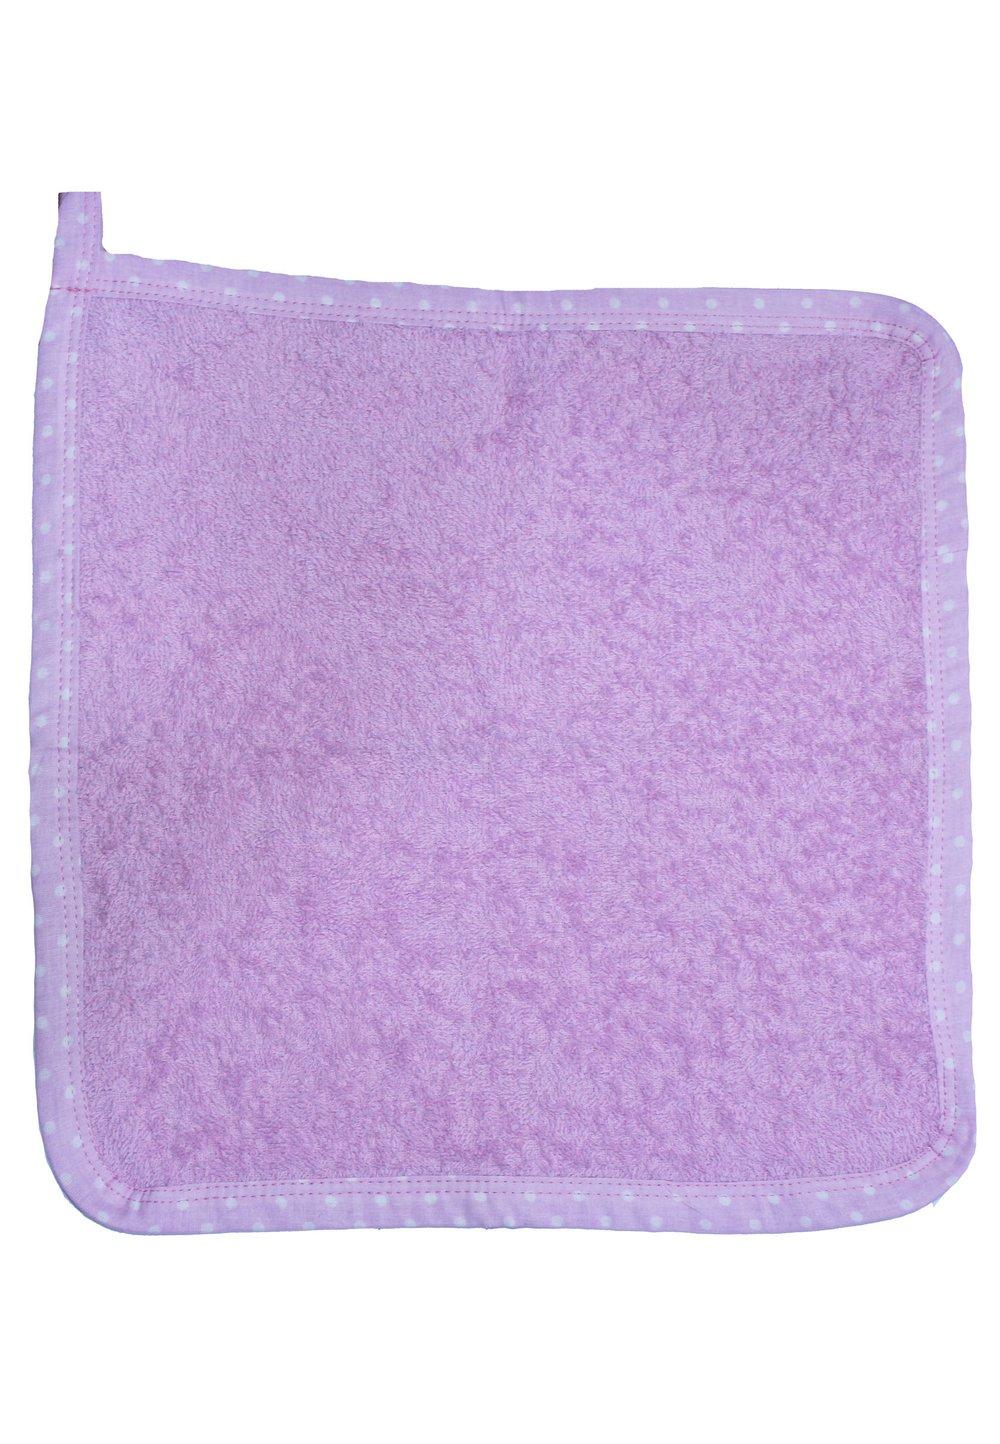 Prosop de maini roz, 30x30cm imagine